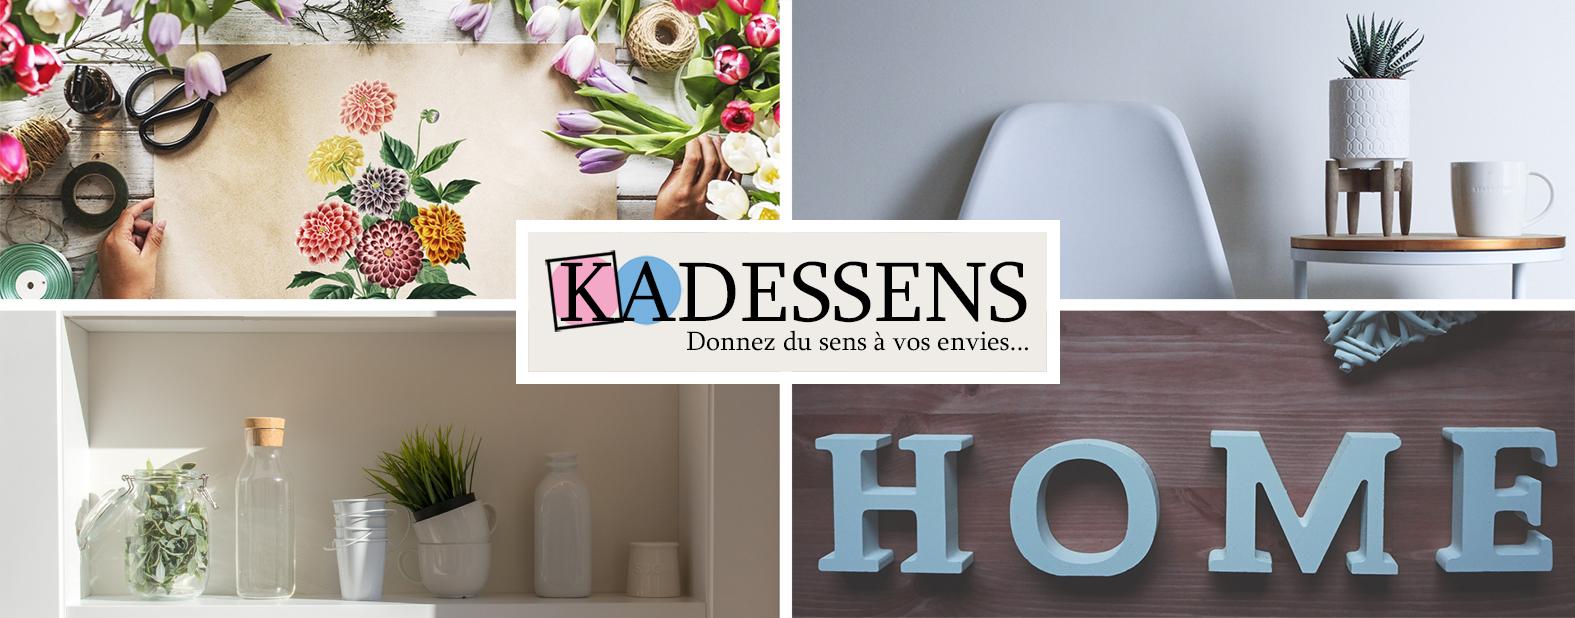 Bannière de kadessens.com.